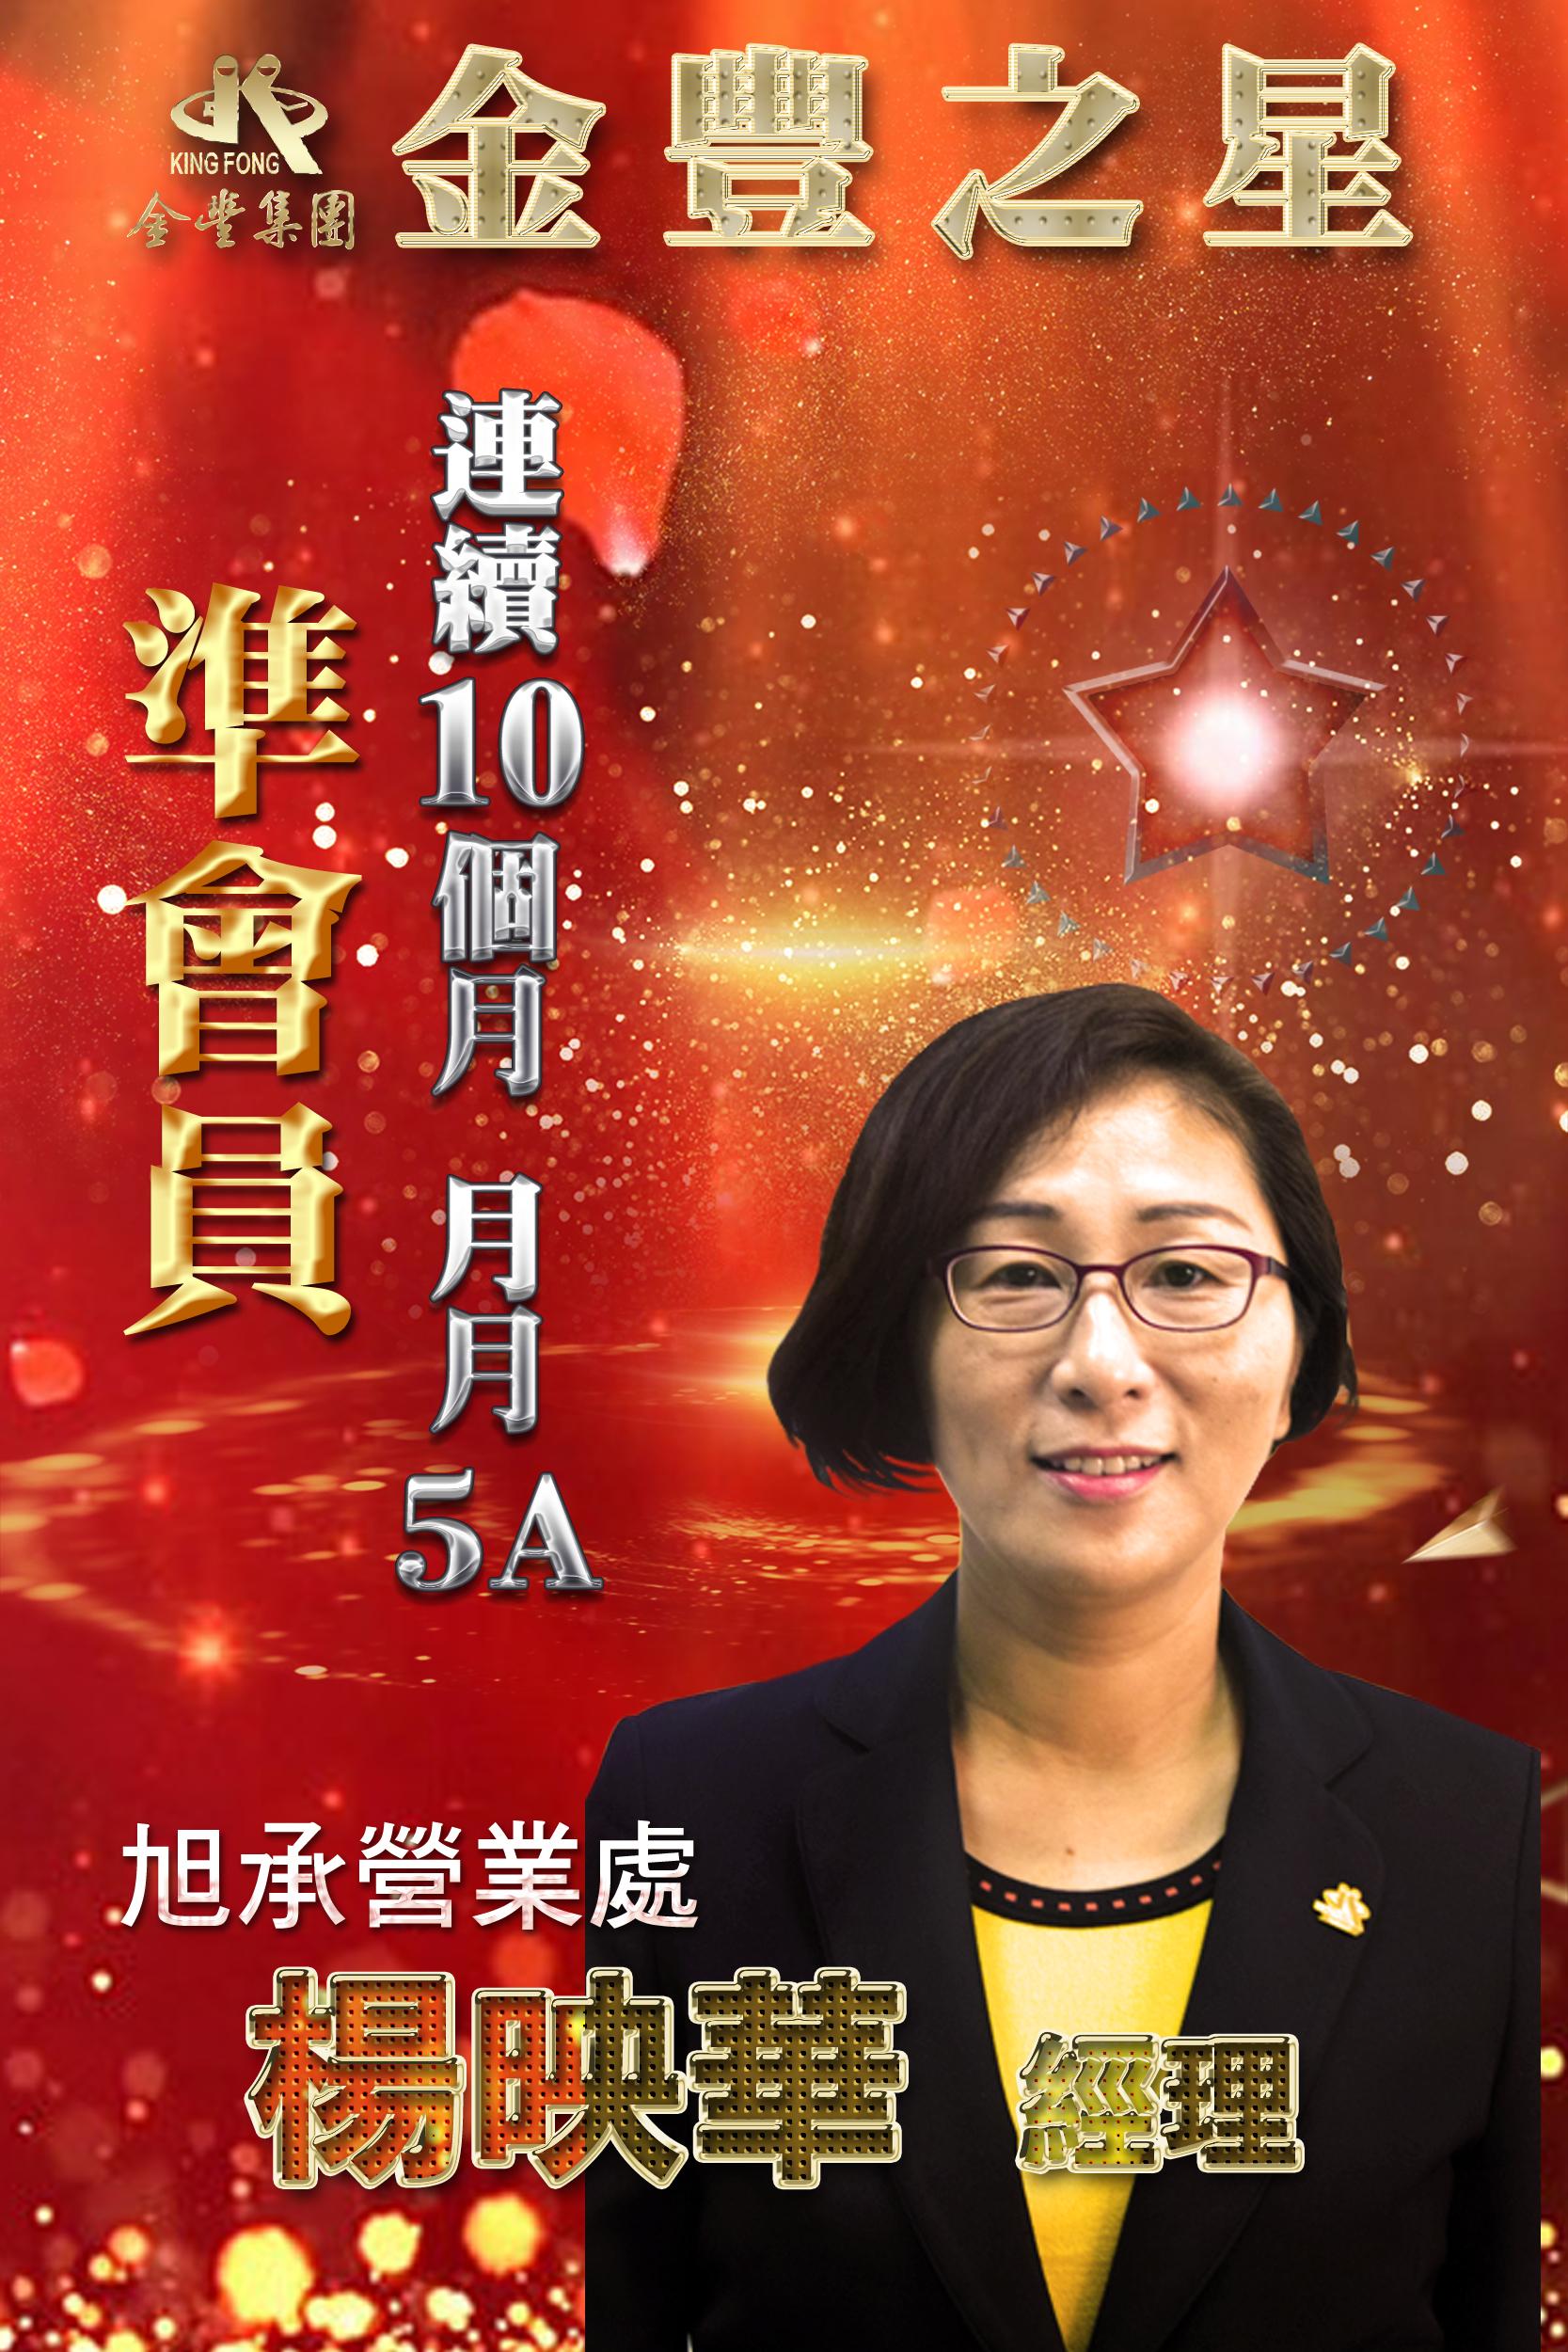 連續10個月-準會員-楊映華